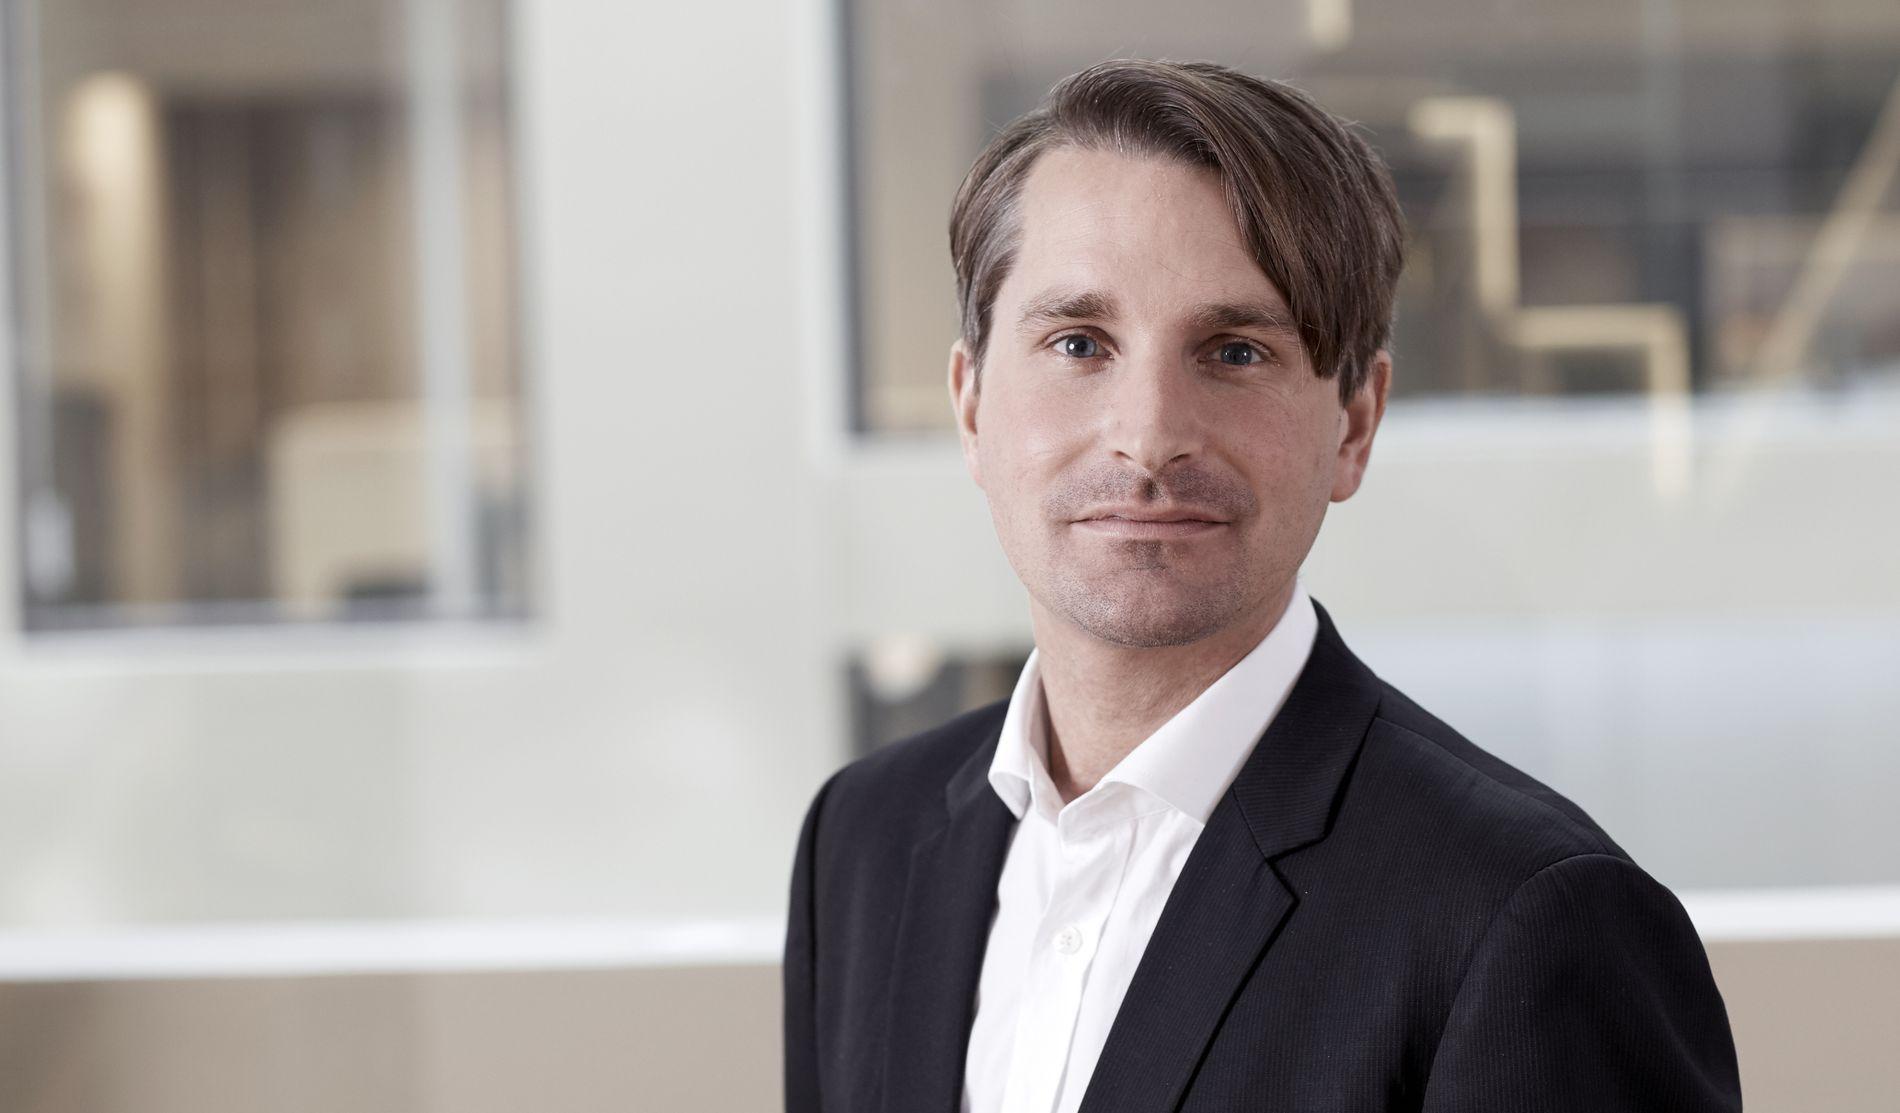 SNAKKET SAMMEN: Finn Myrstad, fagdirektør for digitale tjenester i Forbrukerrådet, inviterte Max Schrems til Oslo for et par år siden. siden har de utvekslet mange erfaringer og gitt hverandre råd.